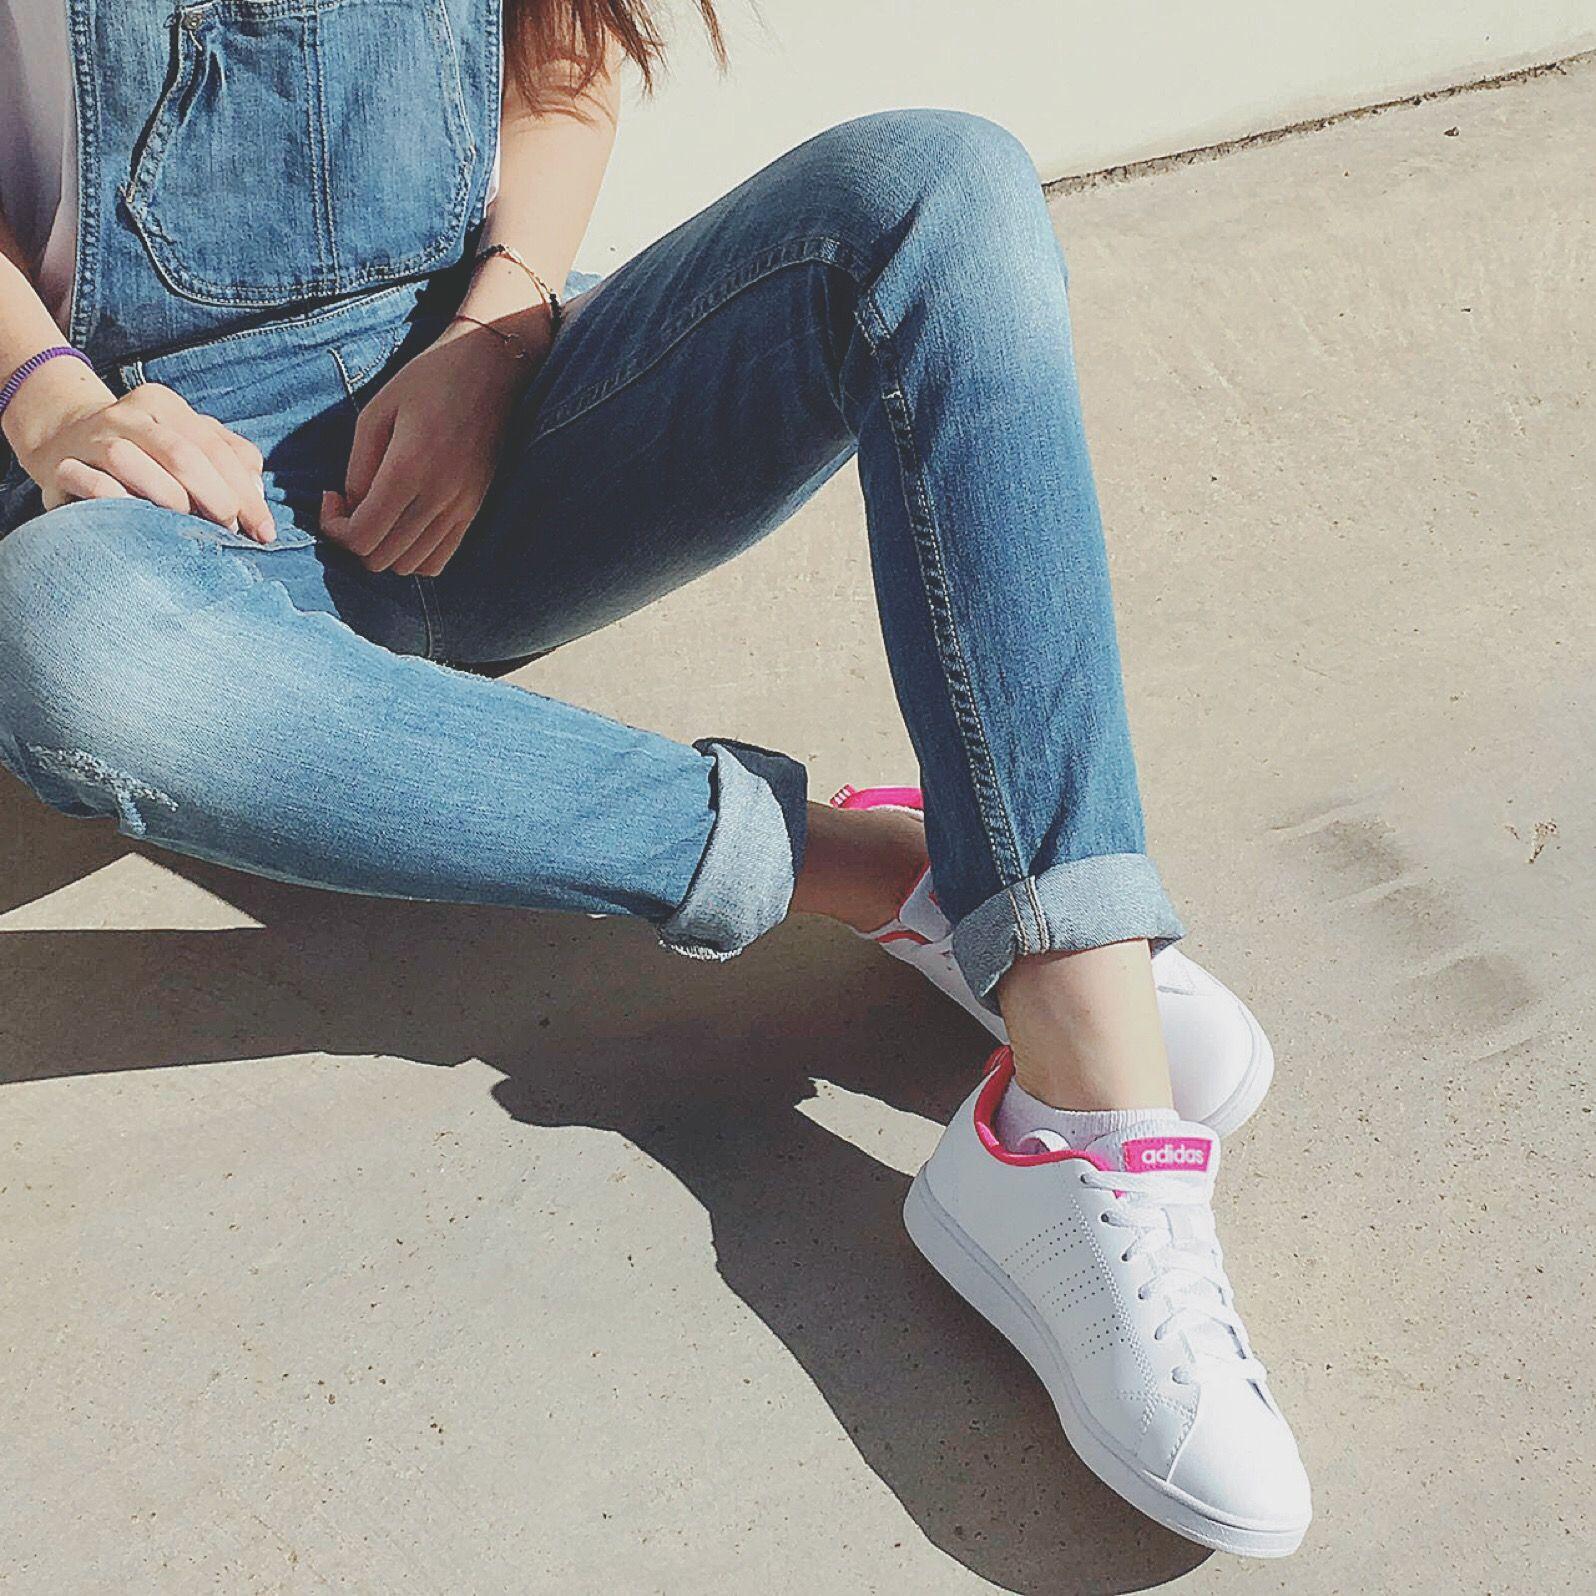 New arrivals! Elegancia y comodidad con las nuevas advantage pink de adidas Originals.